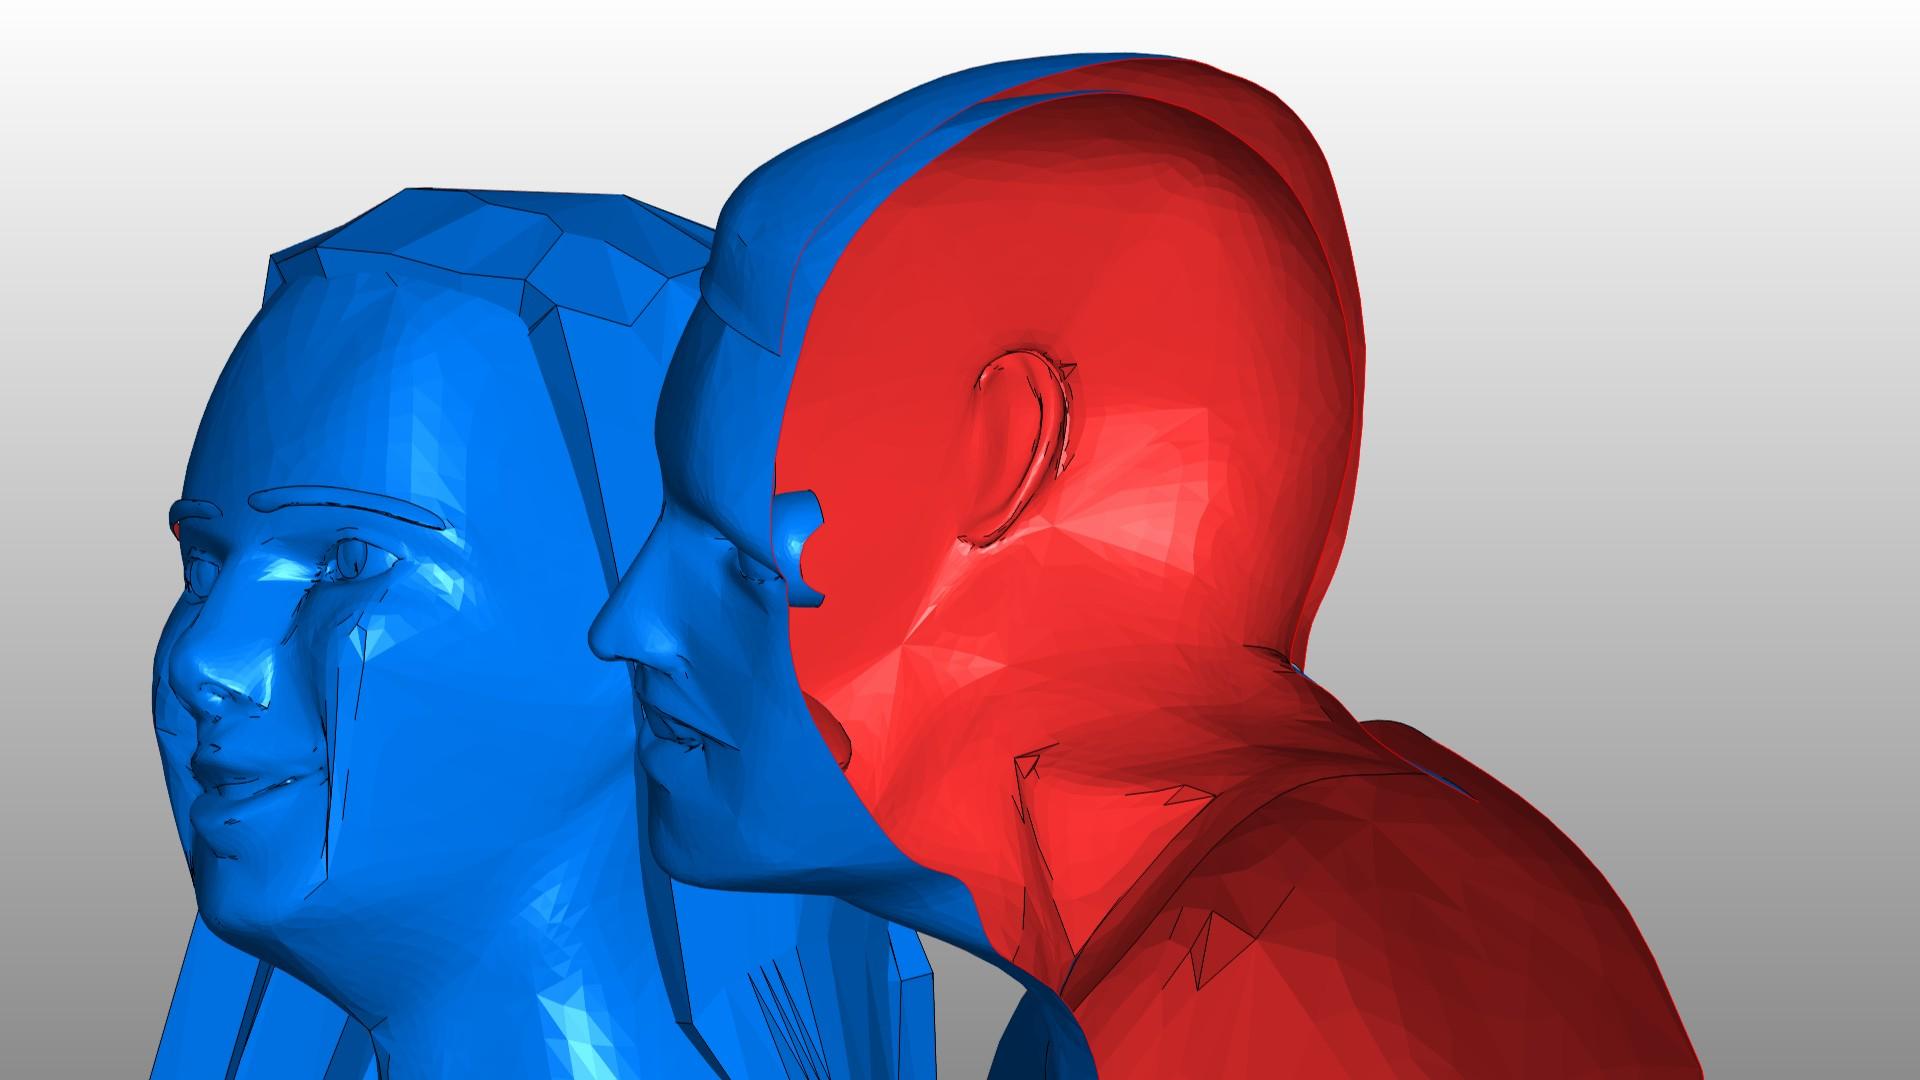 Na przekroju wyraźnie widać, że włosy, głowa i tułów mężczyzny są otwartymi powierzchniami, co sprawia problemy przy wydruku